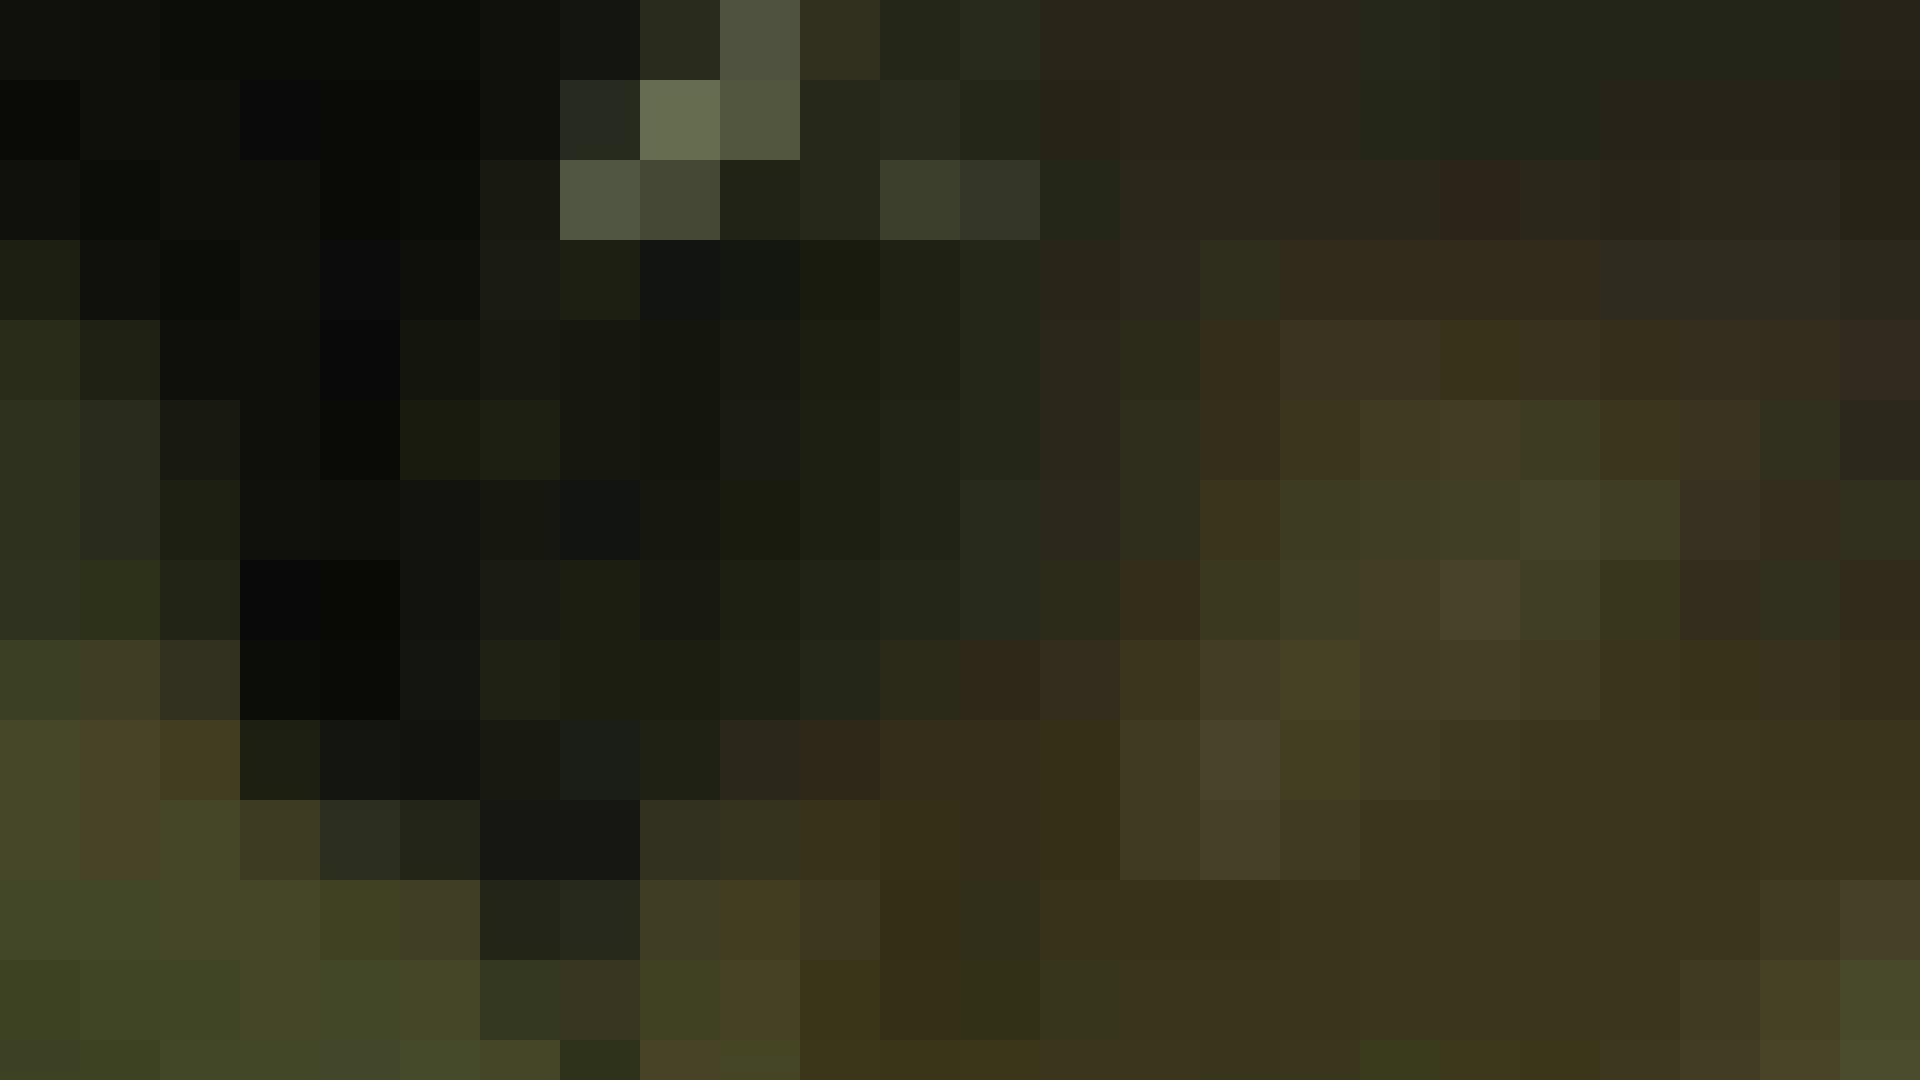 世界の射窓から vol.41 ぼうしタンのアソコ 盛合せ AV動画キャプチャ 91枚 68